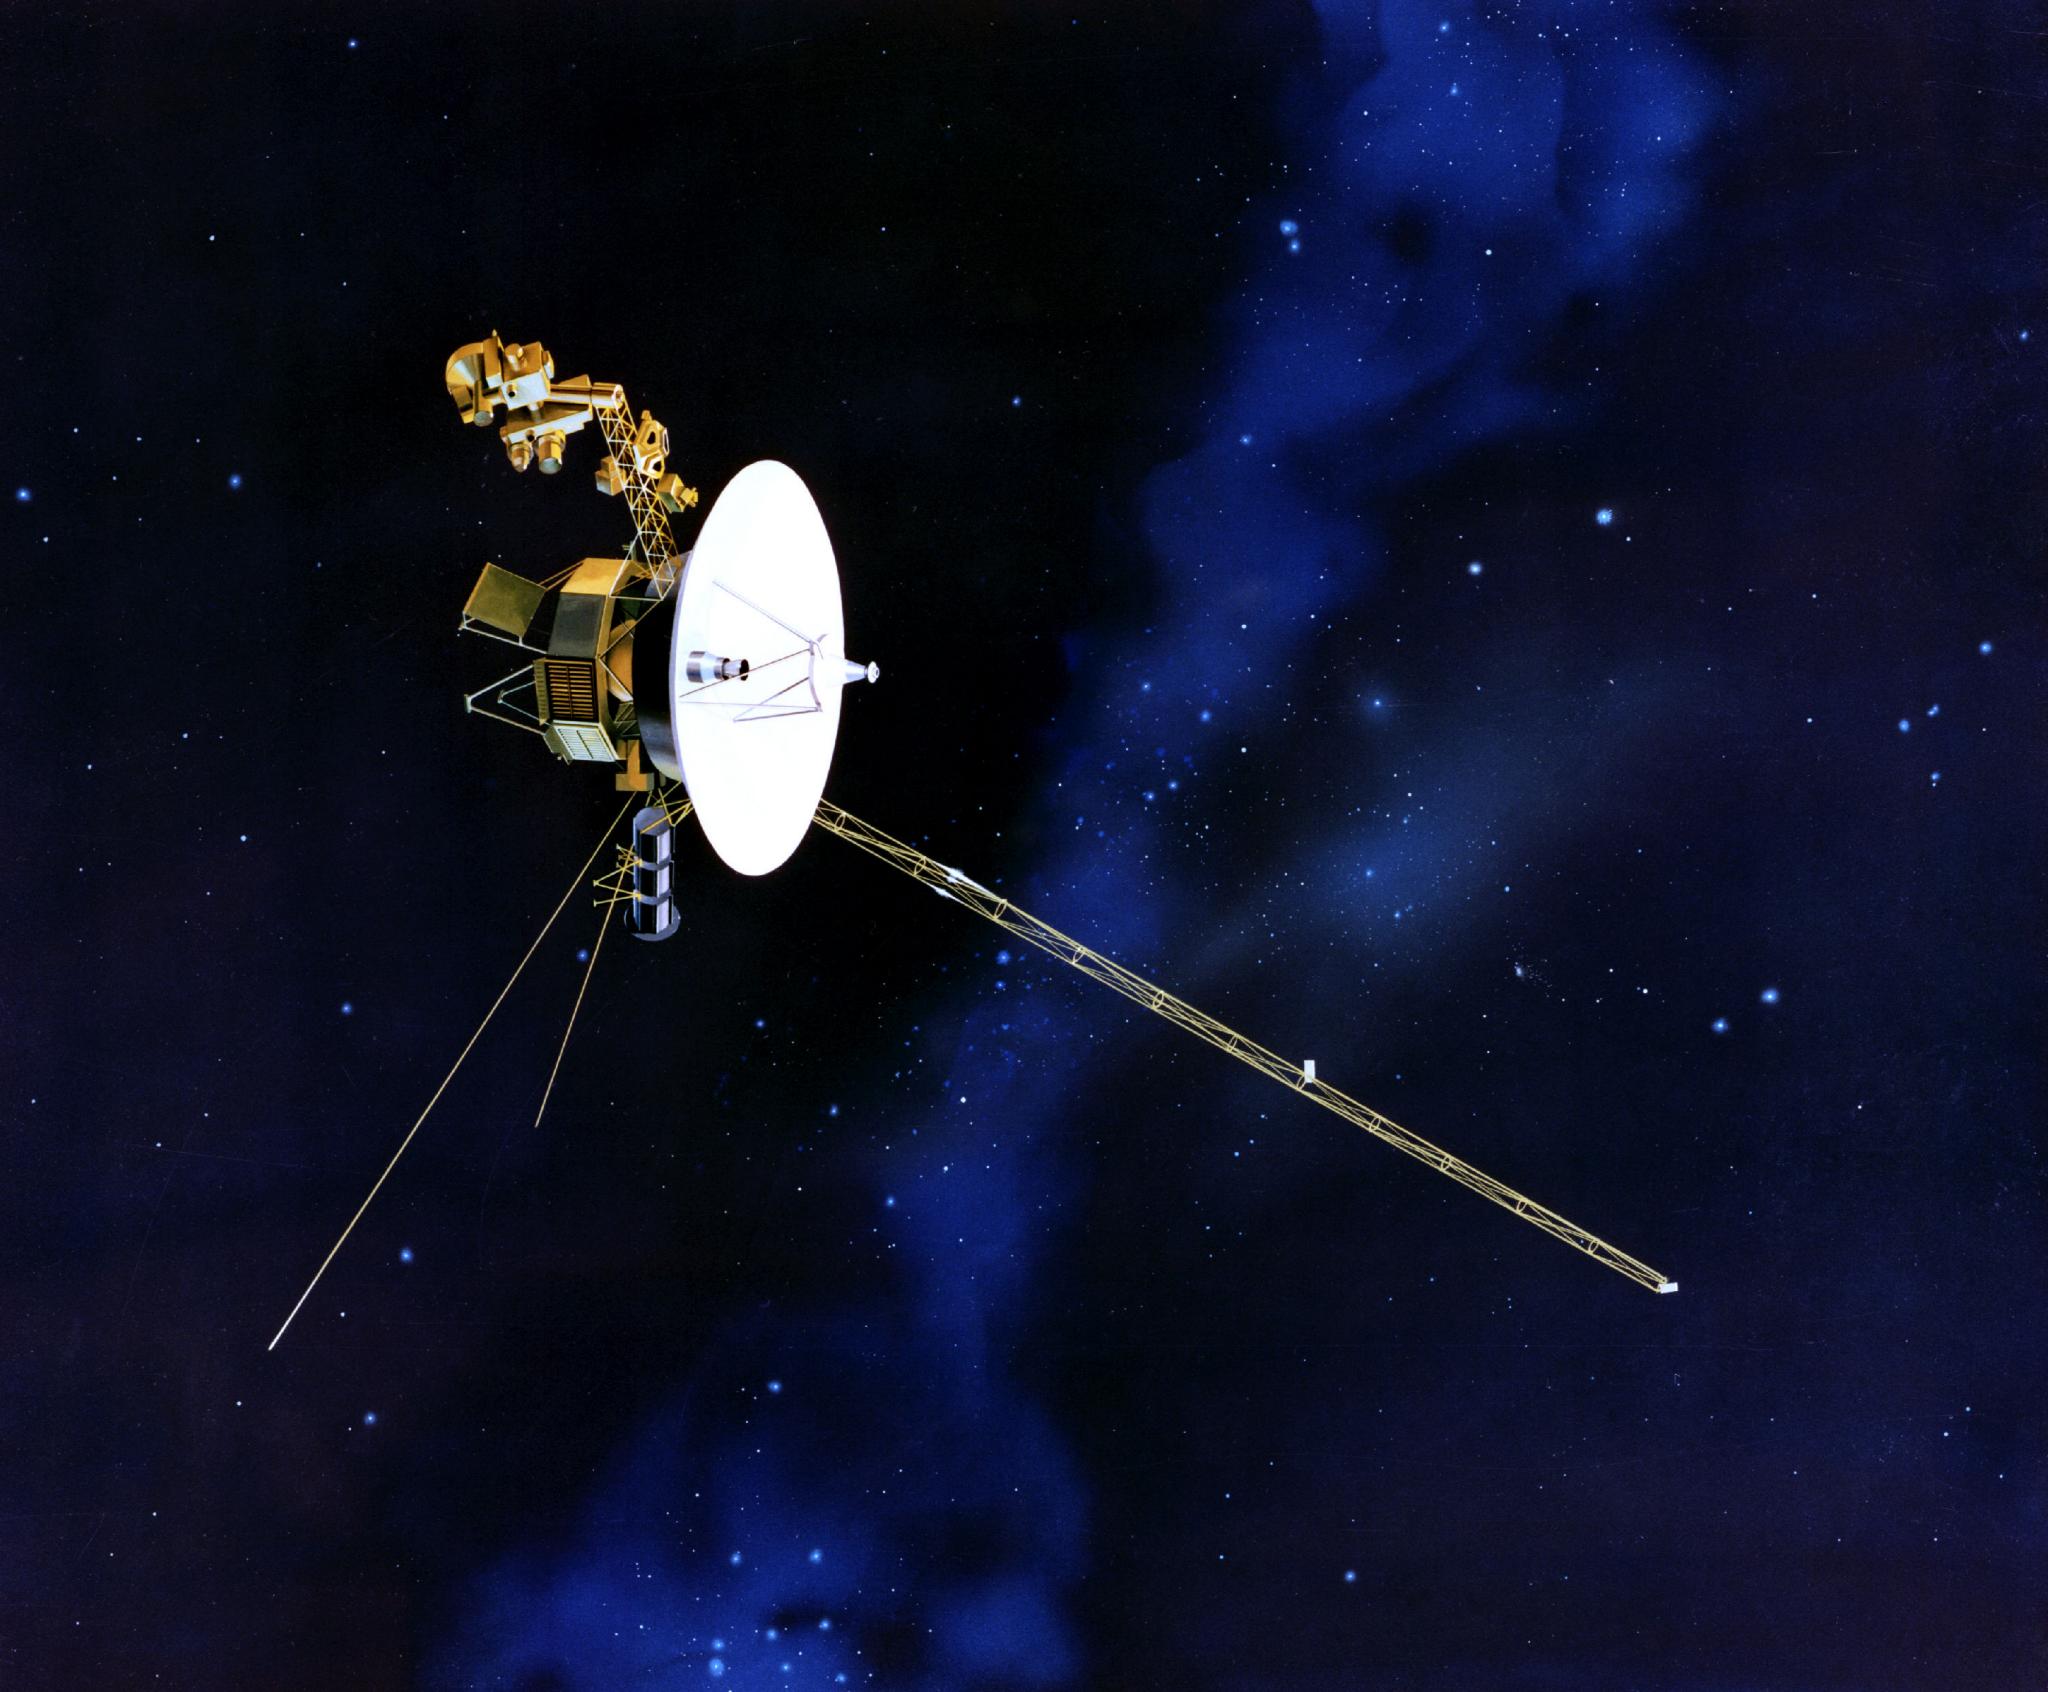 Sonda Voyager 1 enciende sus propulsores luego de 37 años ¿Por qué?